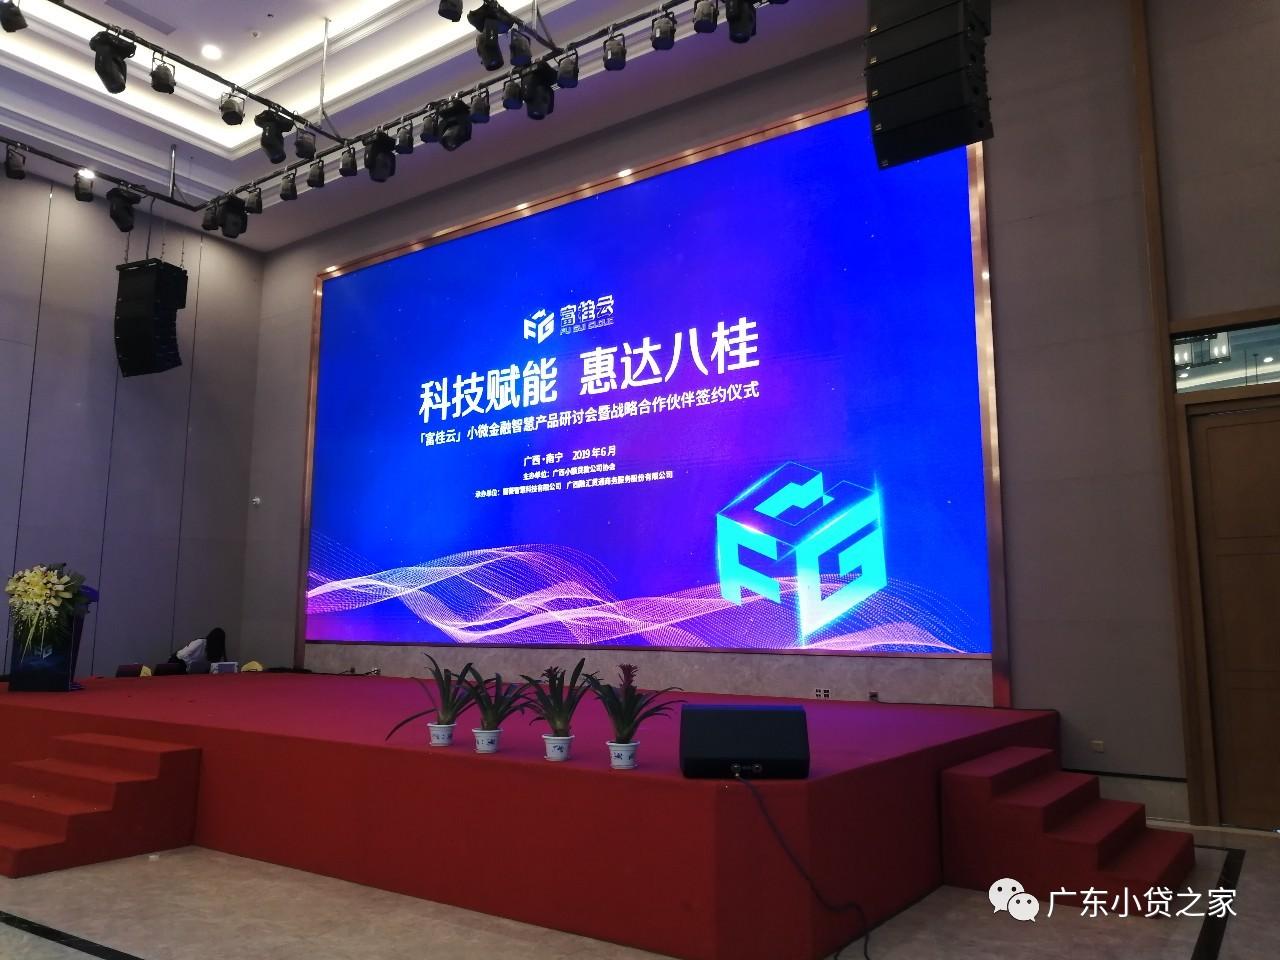 """省小贷协会携会员单位出席广西小贷协会举办的 """"富桂云""""产品发布会和小微金融与金融科技应用座谈会"""